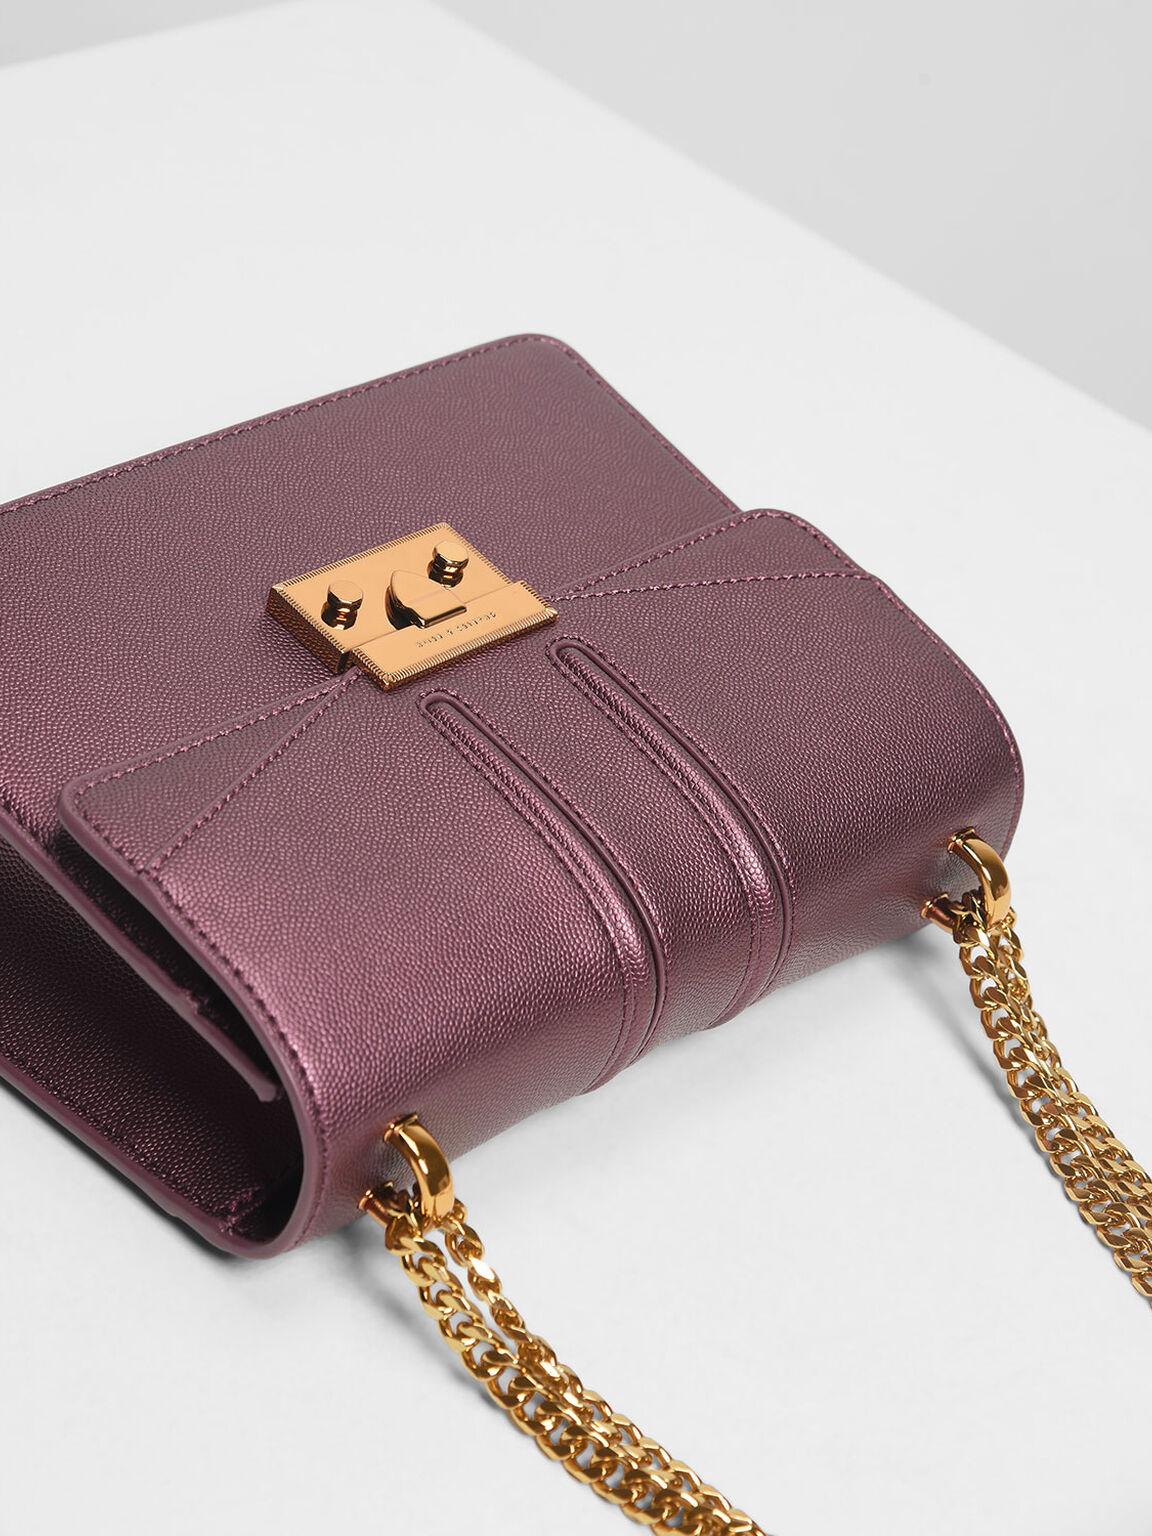 Push Lock Front Flap Bag, Prune, hi-res